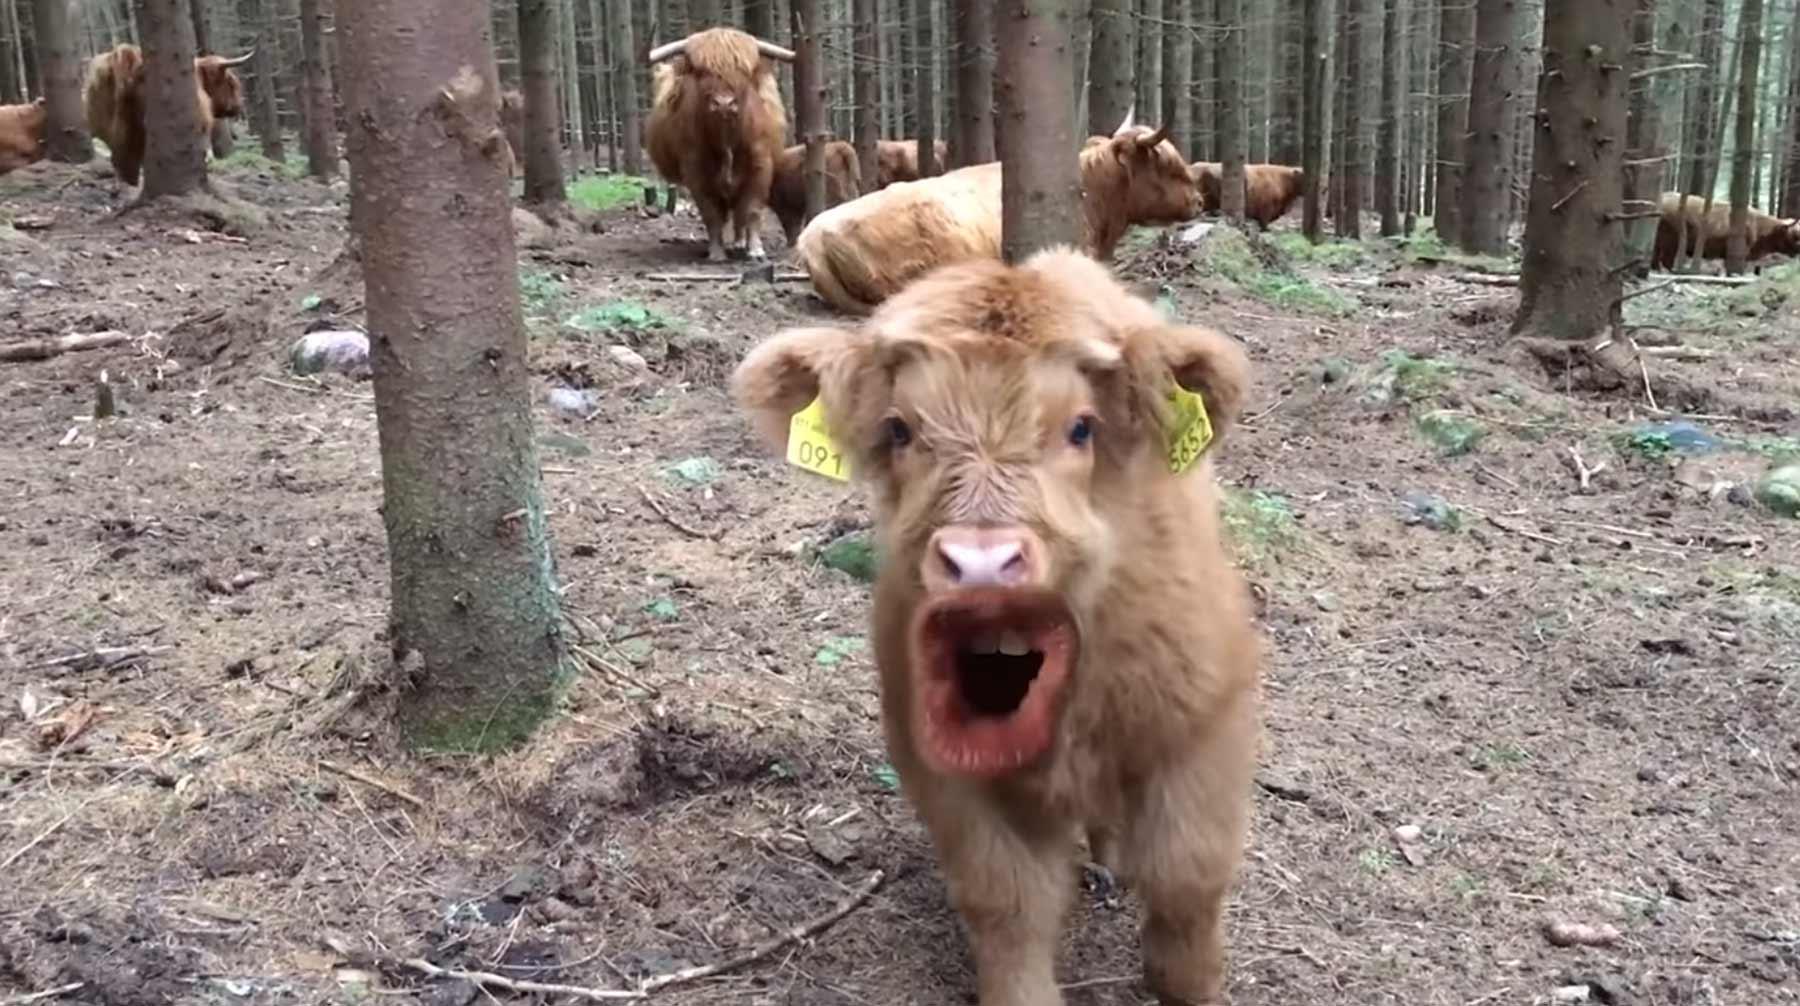 Wenn Kühe reden könnten